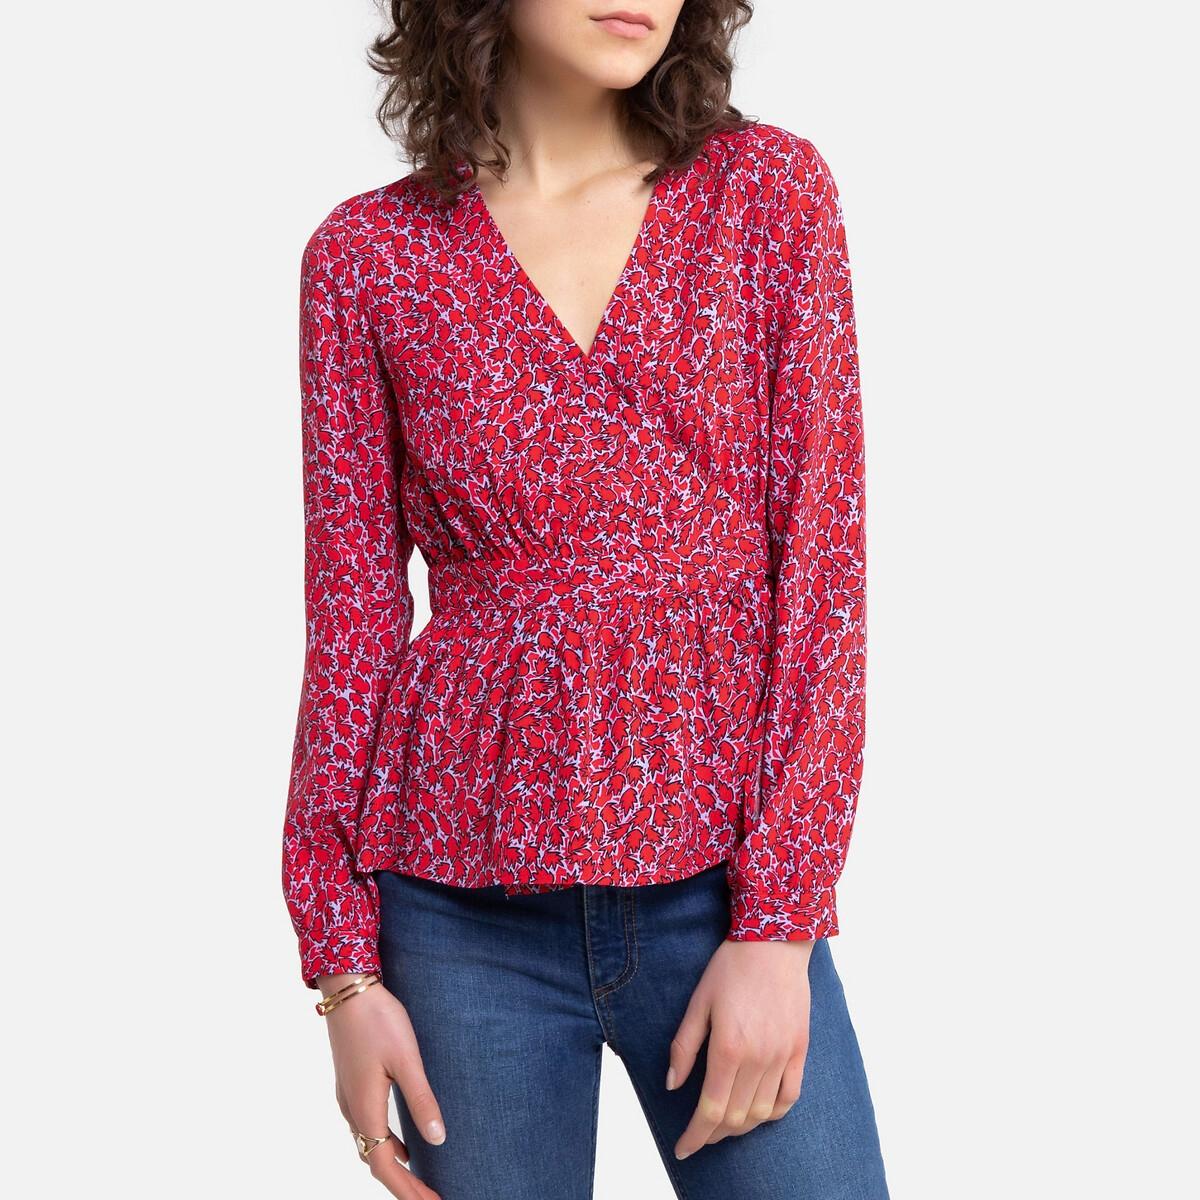 Блузка La Redoute С принтом с баской и длинными рукавами 3(L) красный блузка la redoute из вуали с принтом и длинными рукавами smoke 3 l каштановый